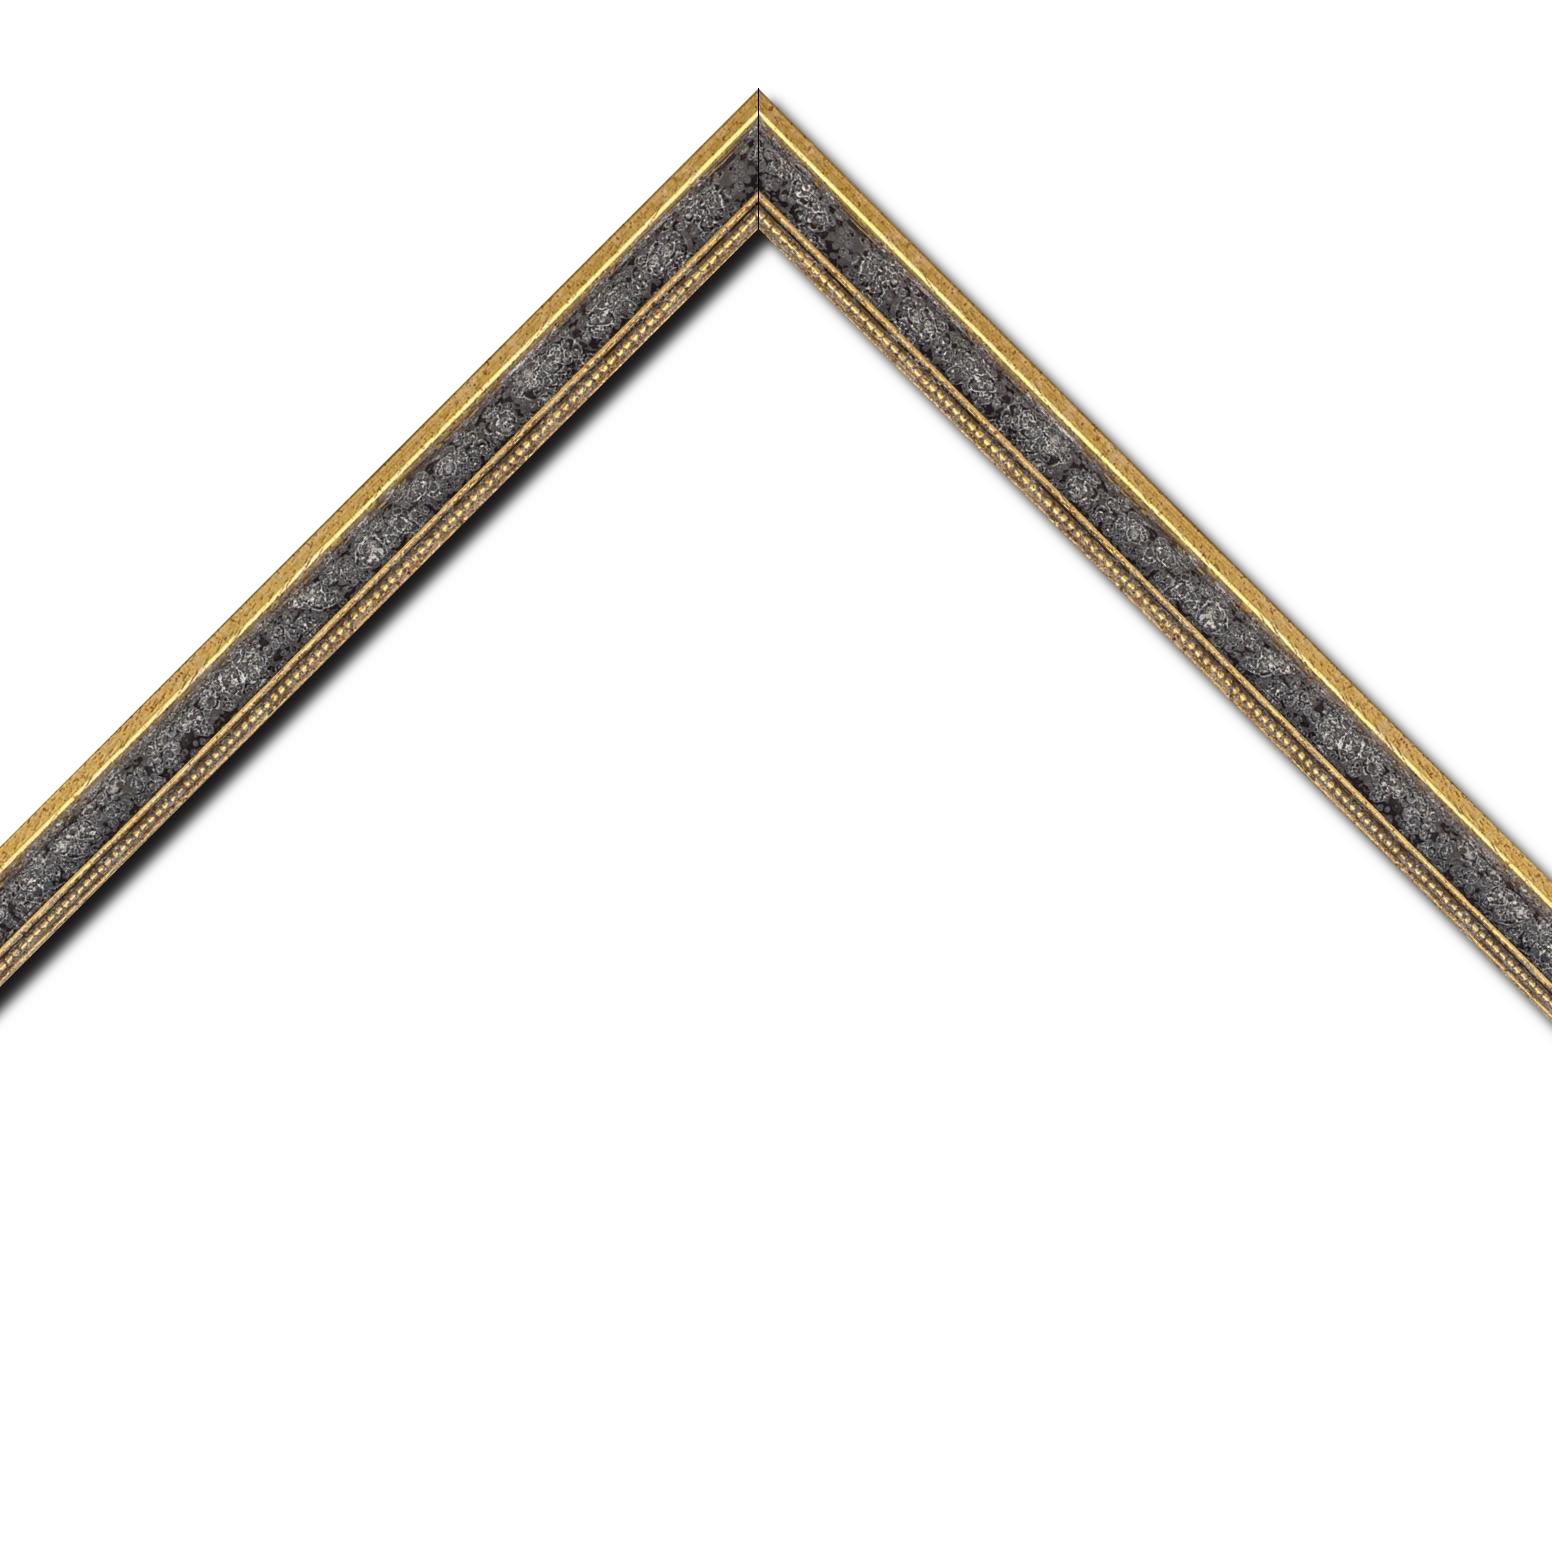 Baguette bois profil incuvé largeur 2.4cm  or antique gorge gris vieilli filet perle or